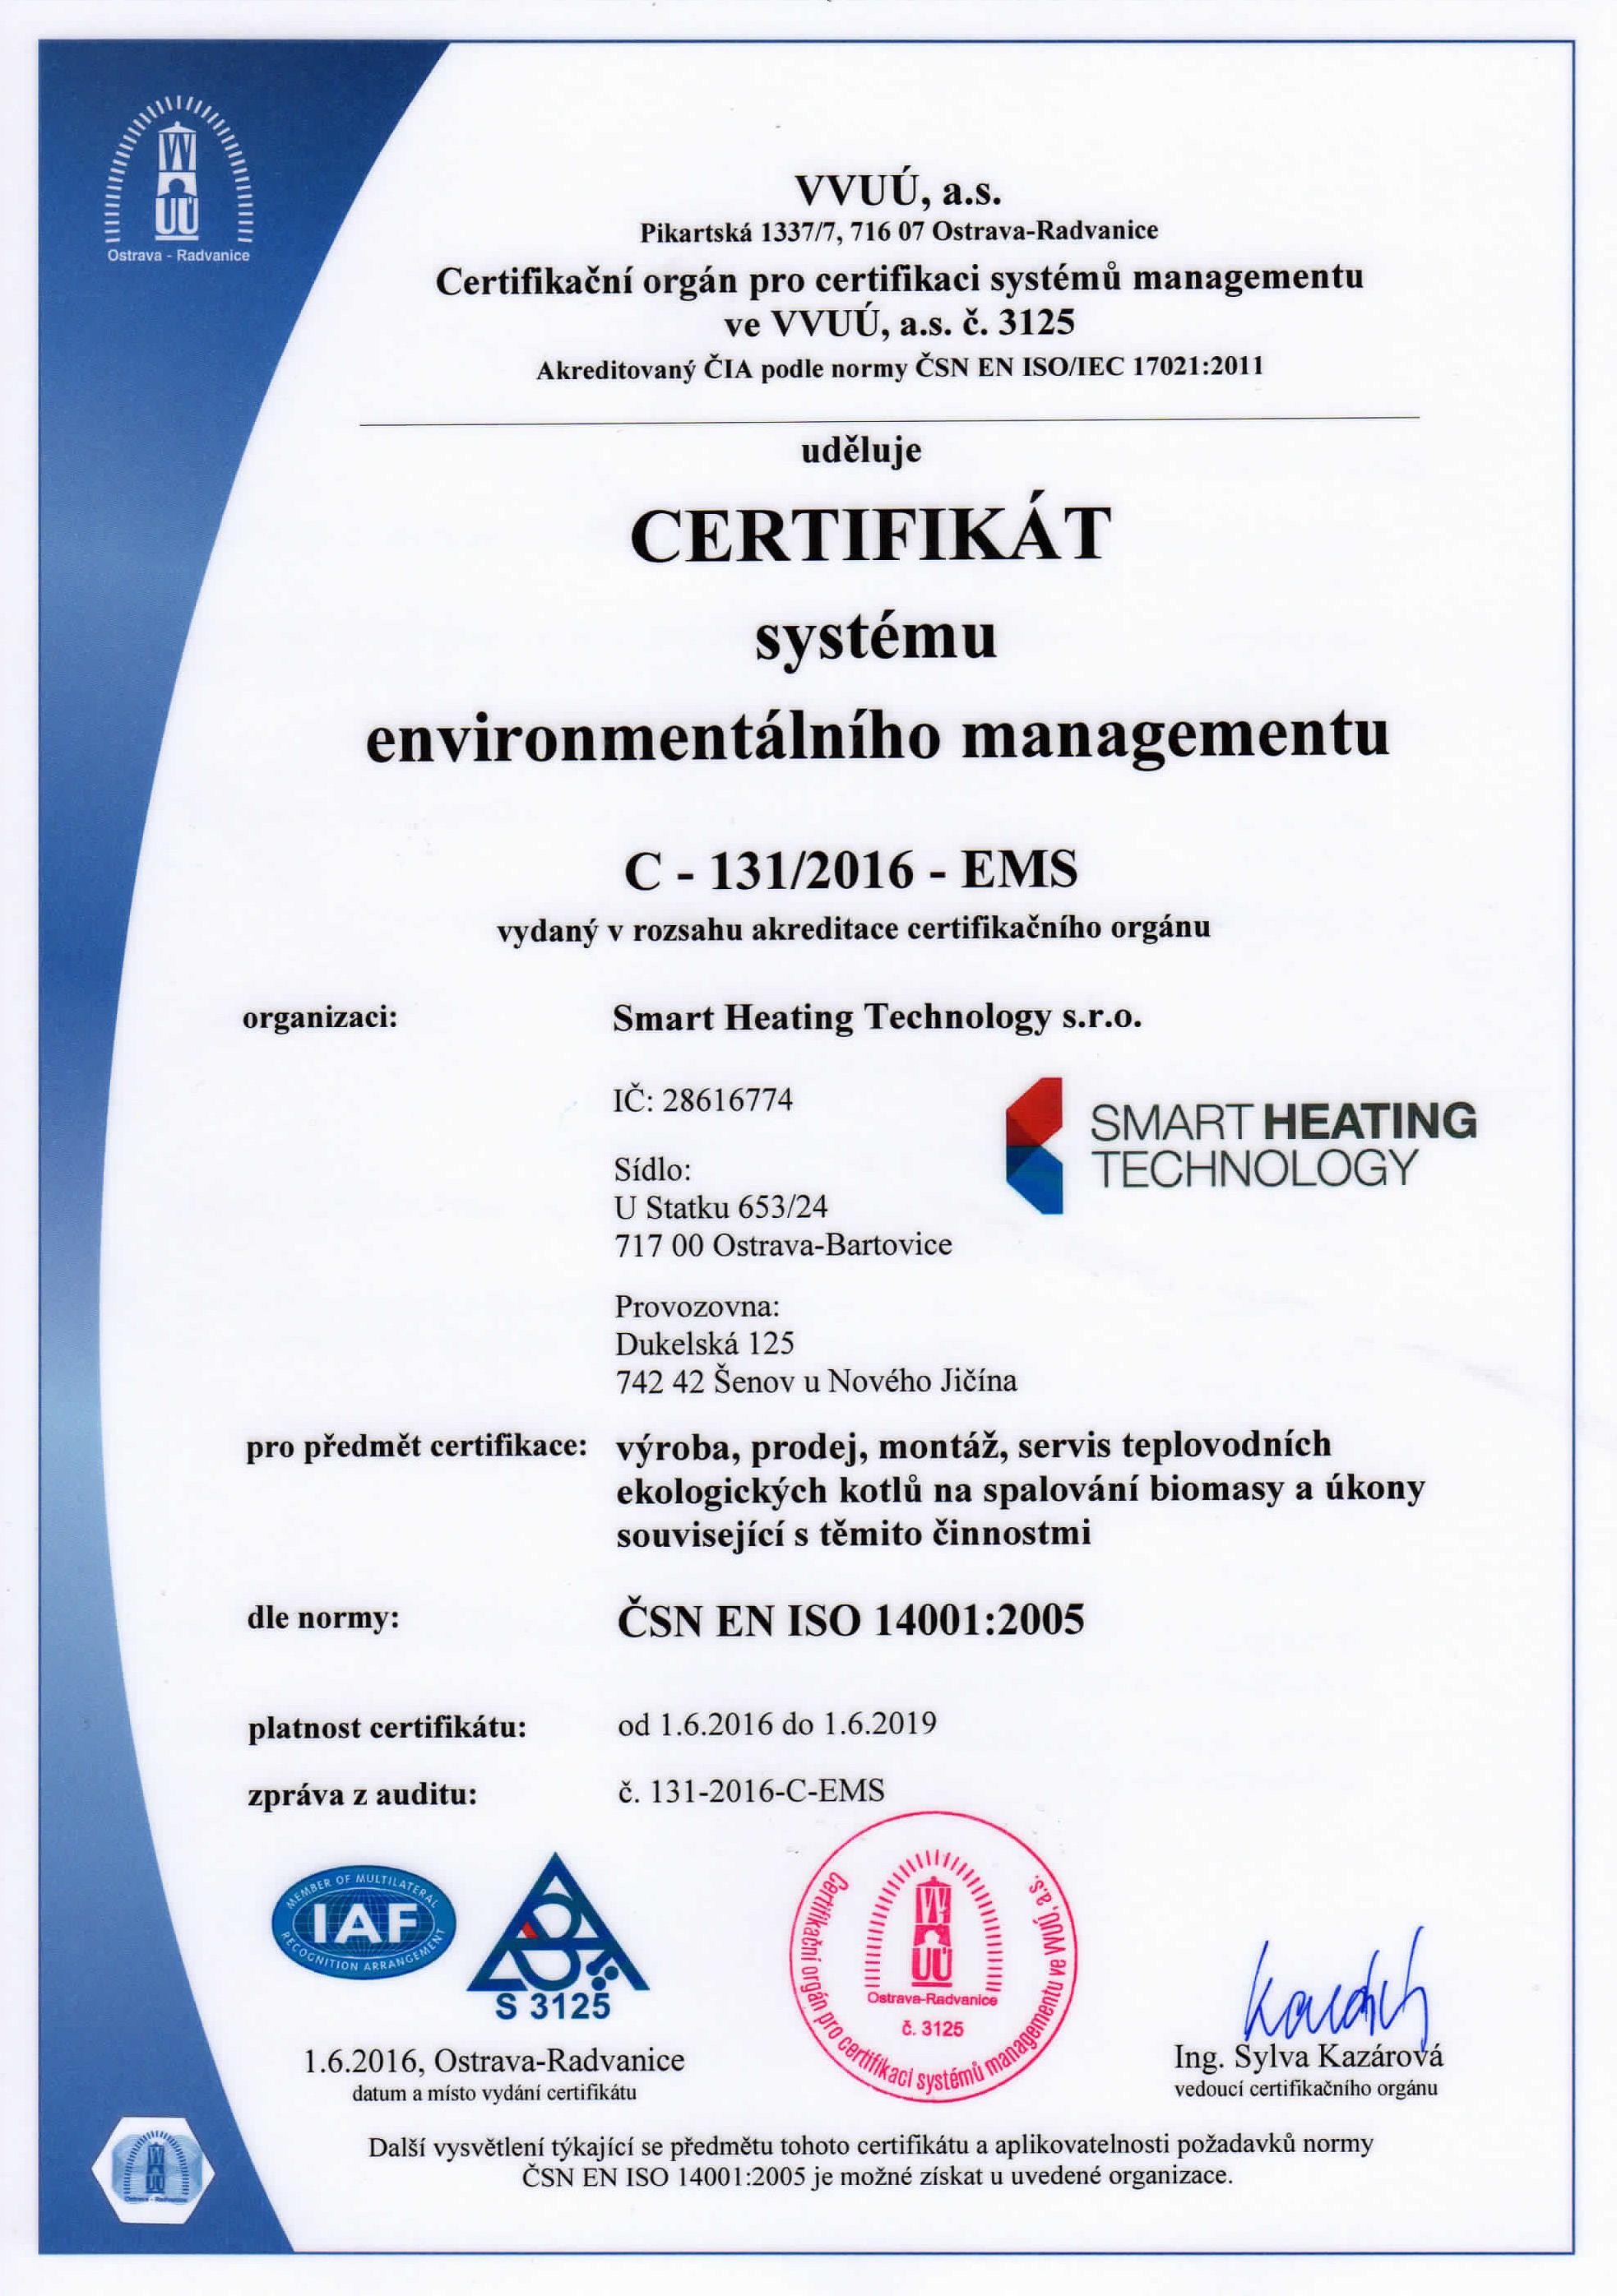 certifikat-c-131_2016-ems-cz